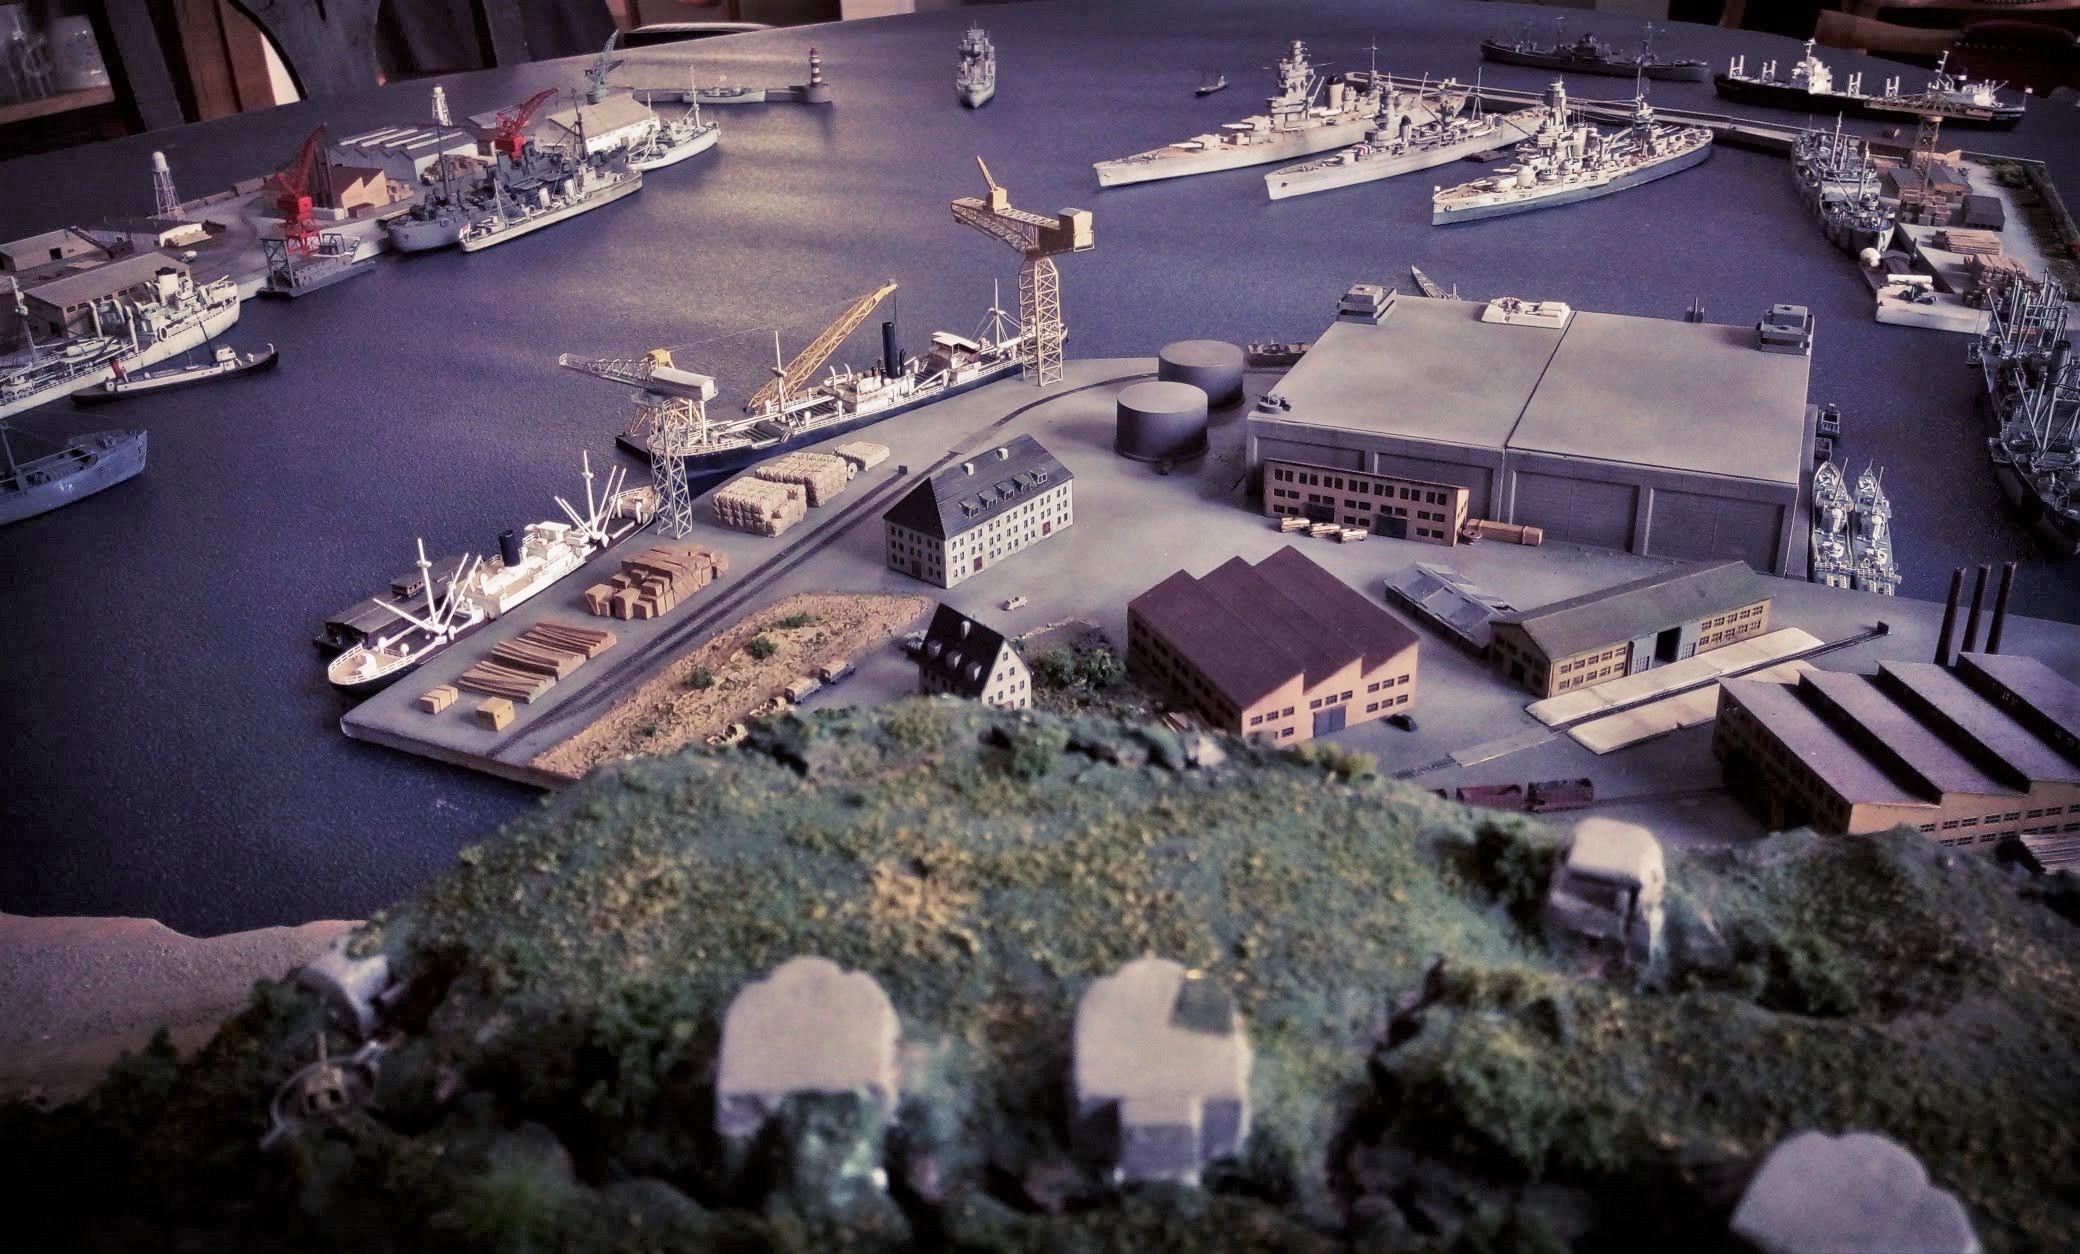 Diorama base navale 1/700 par Nesquik - Page 4 Lvn9r4Hp7